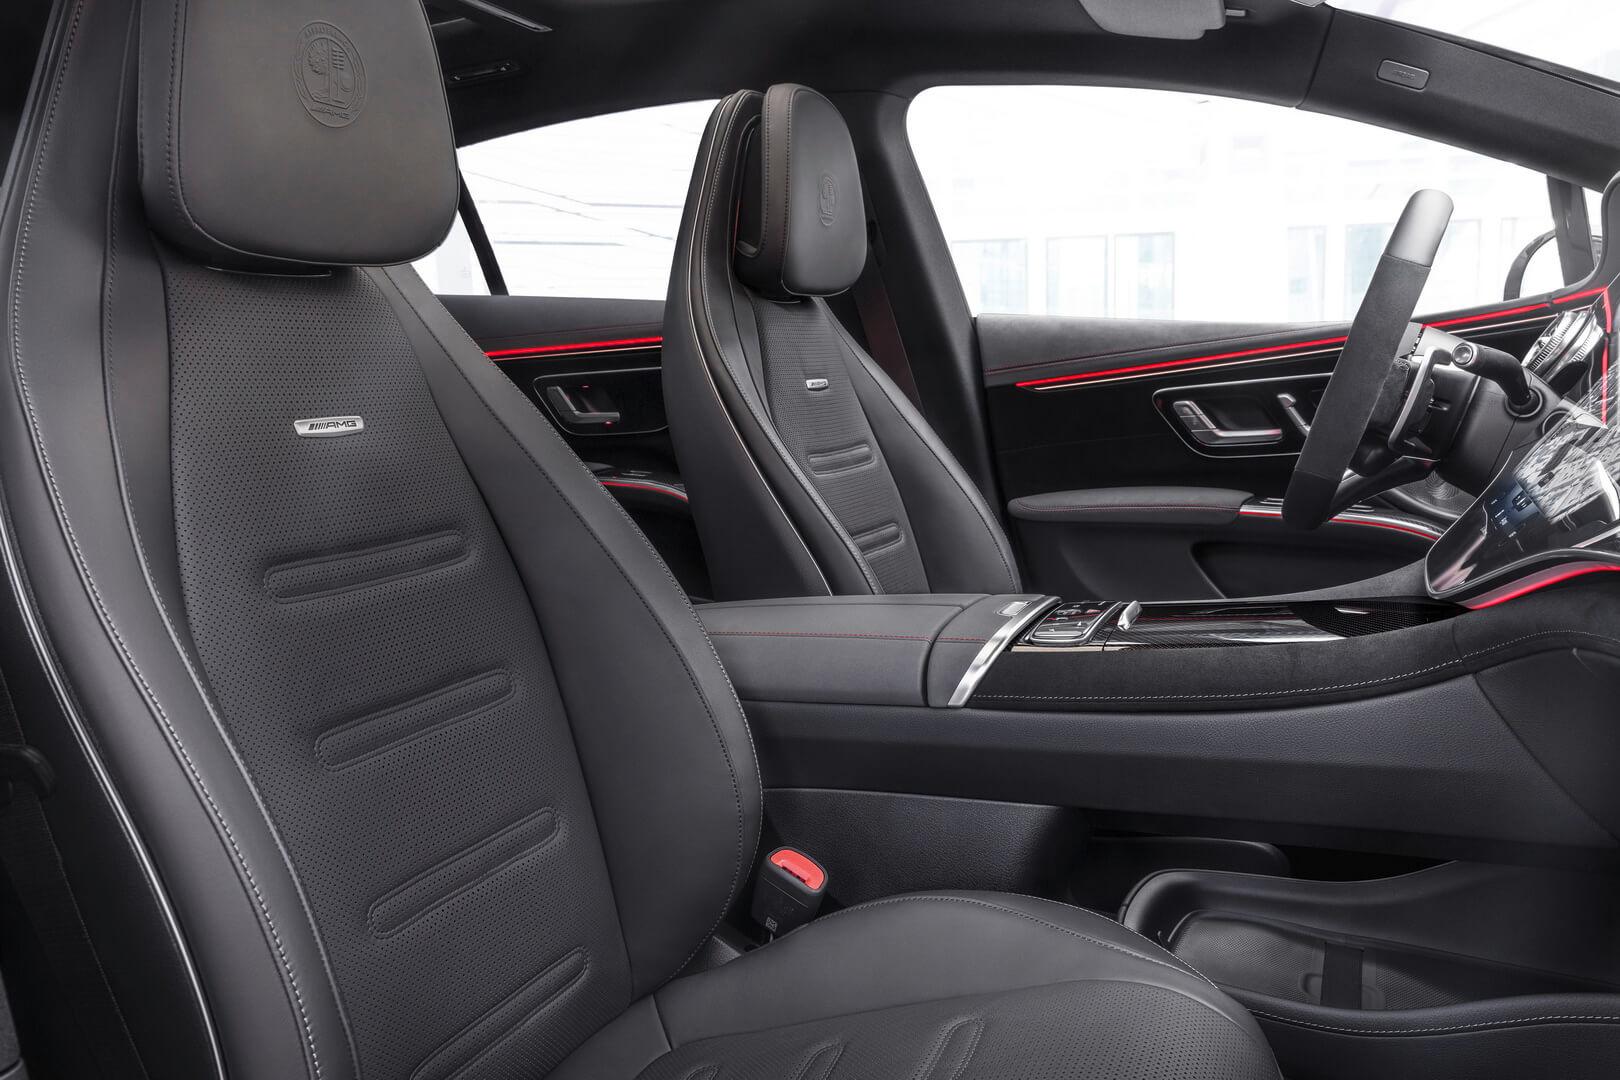 Салон электрического Mercedes-AMG EQS 53 4MATIC+